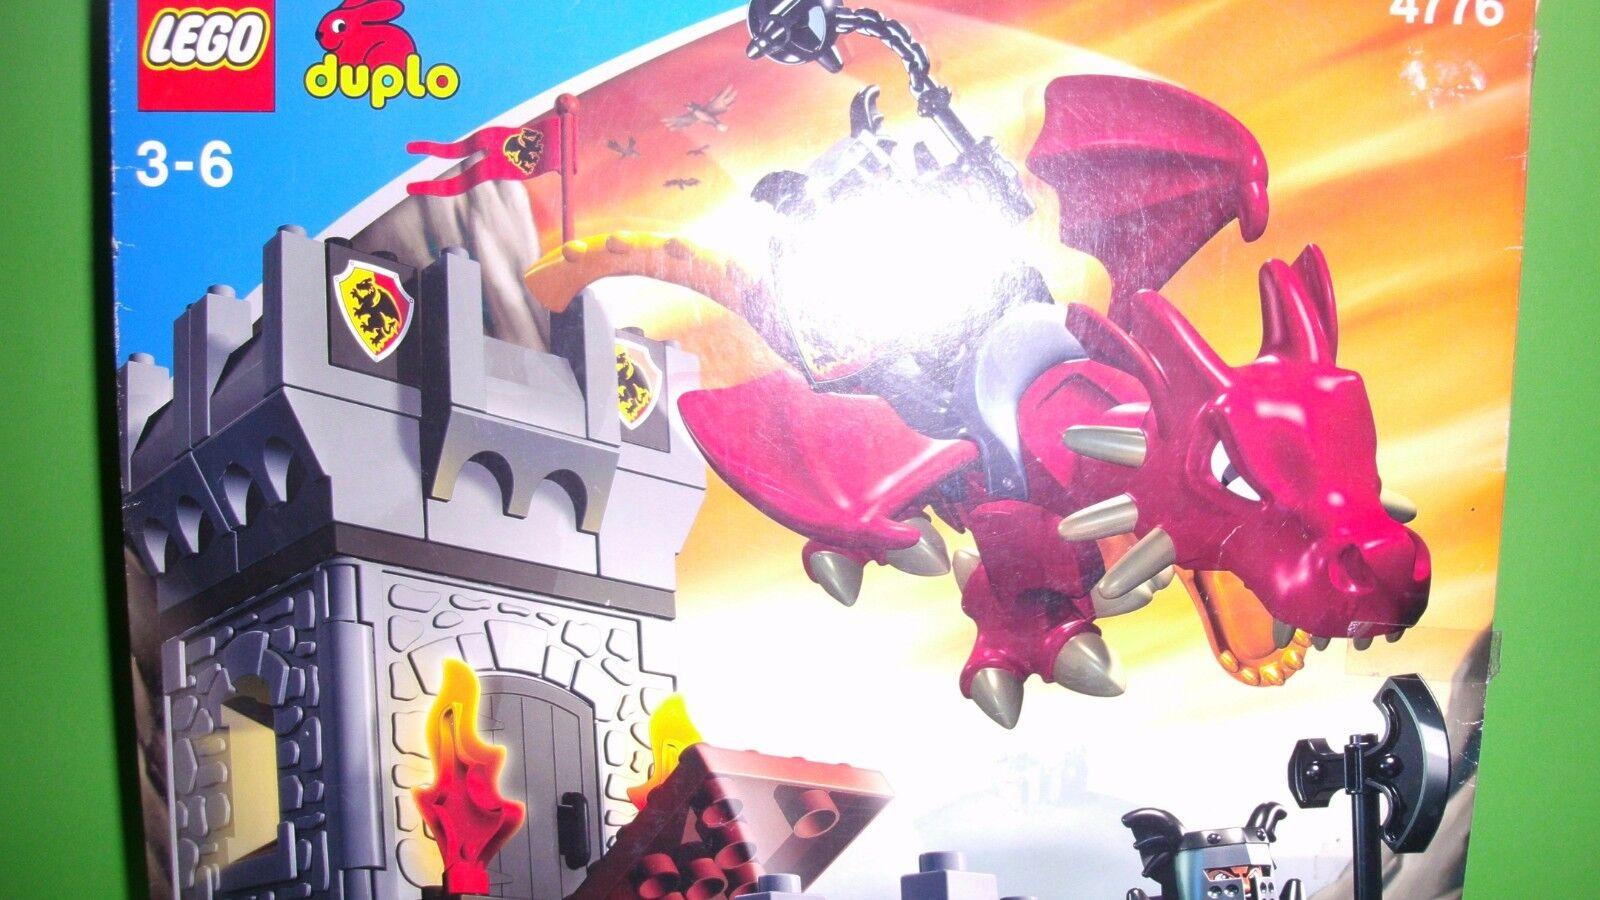 LEGO DUPLO Ritterburg 4776 Glaciers, dragon, neuf dans sa boîte, de recette, entièrement